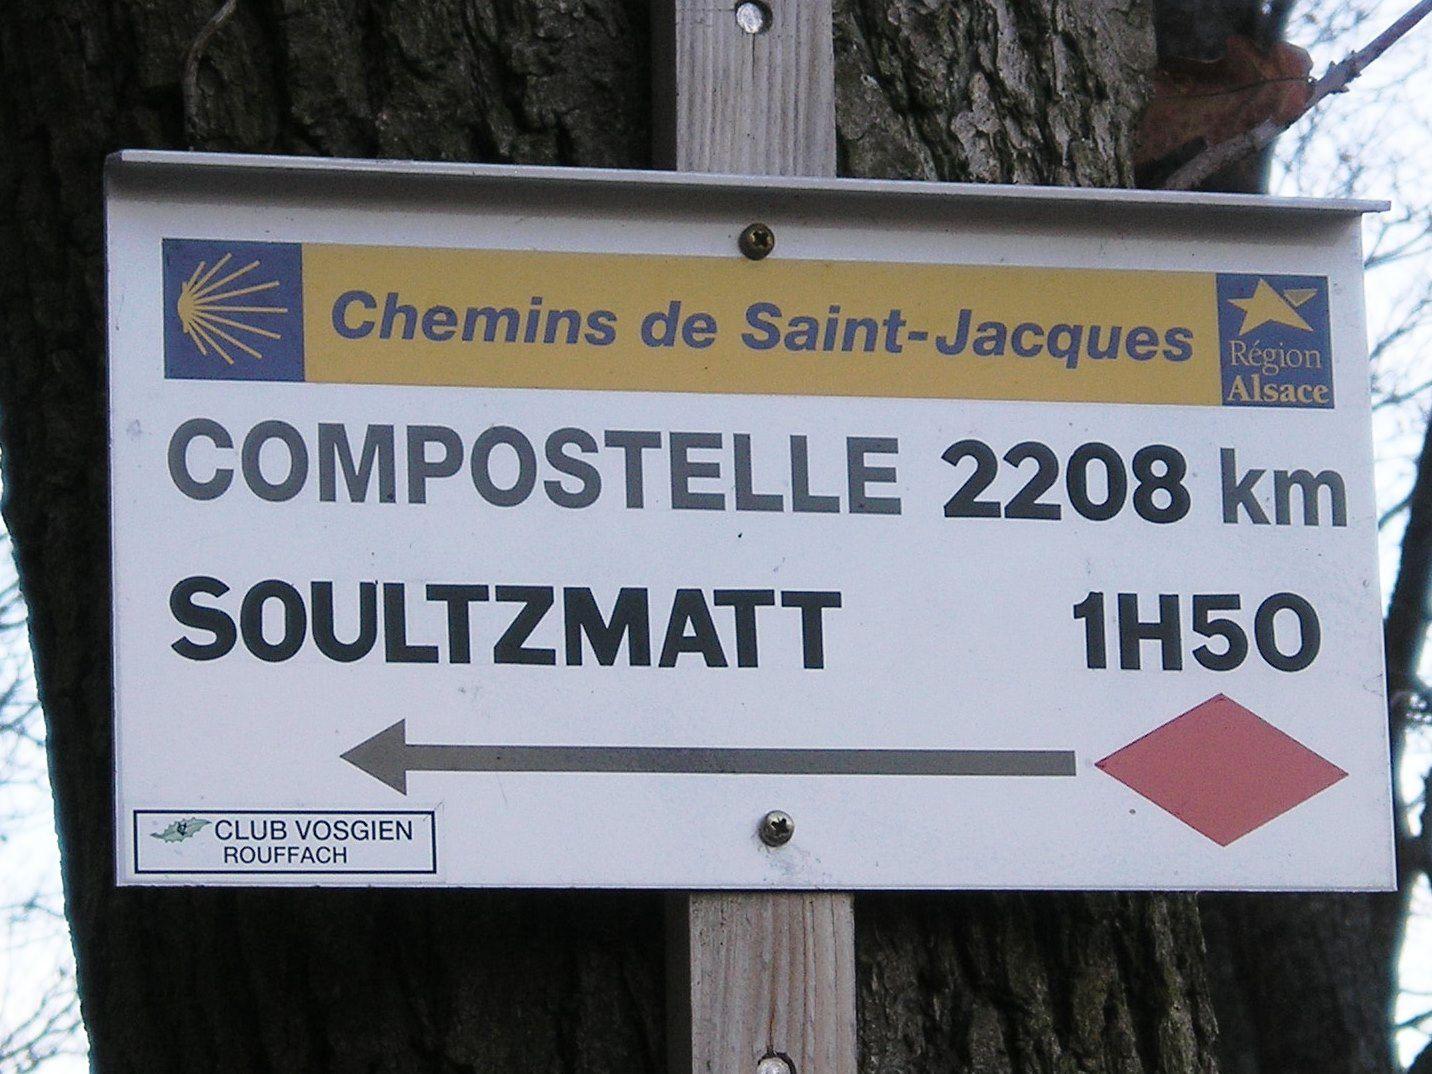 Vendredi 8 avril - Rencontre autour du chemin de Saint-Jacques